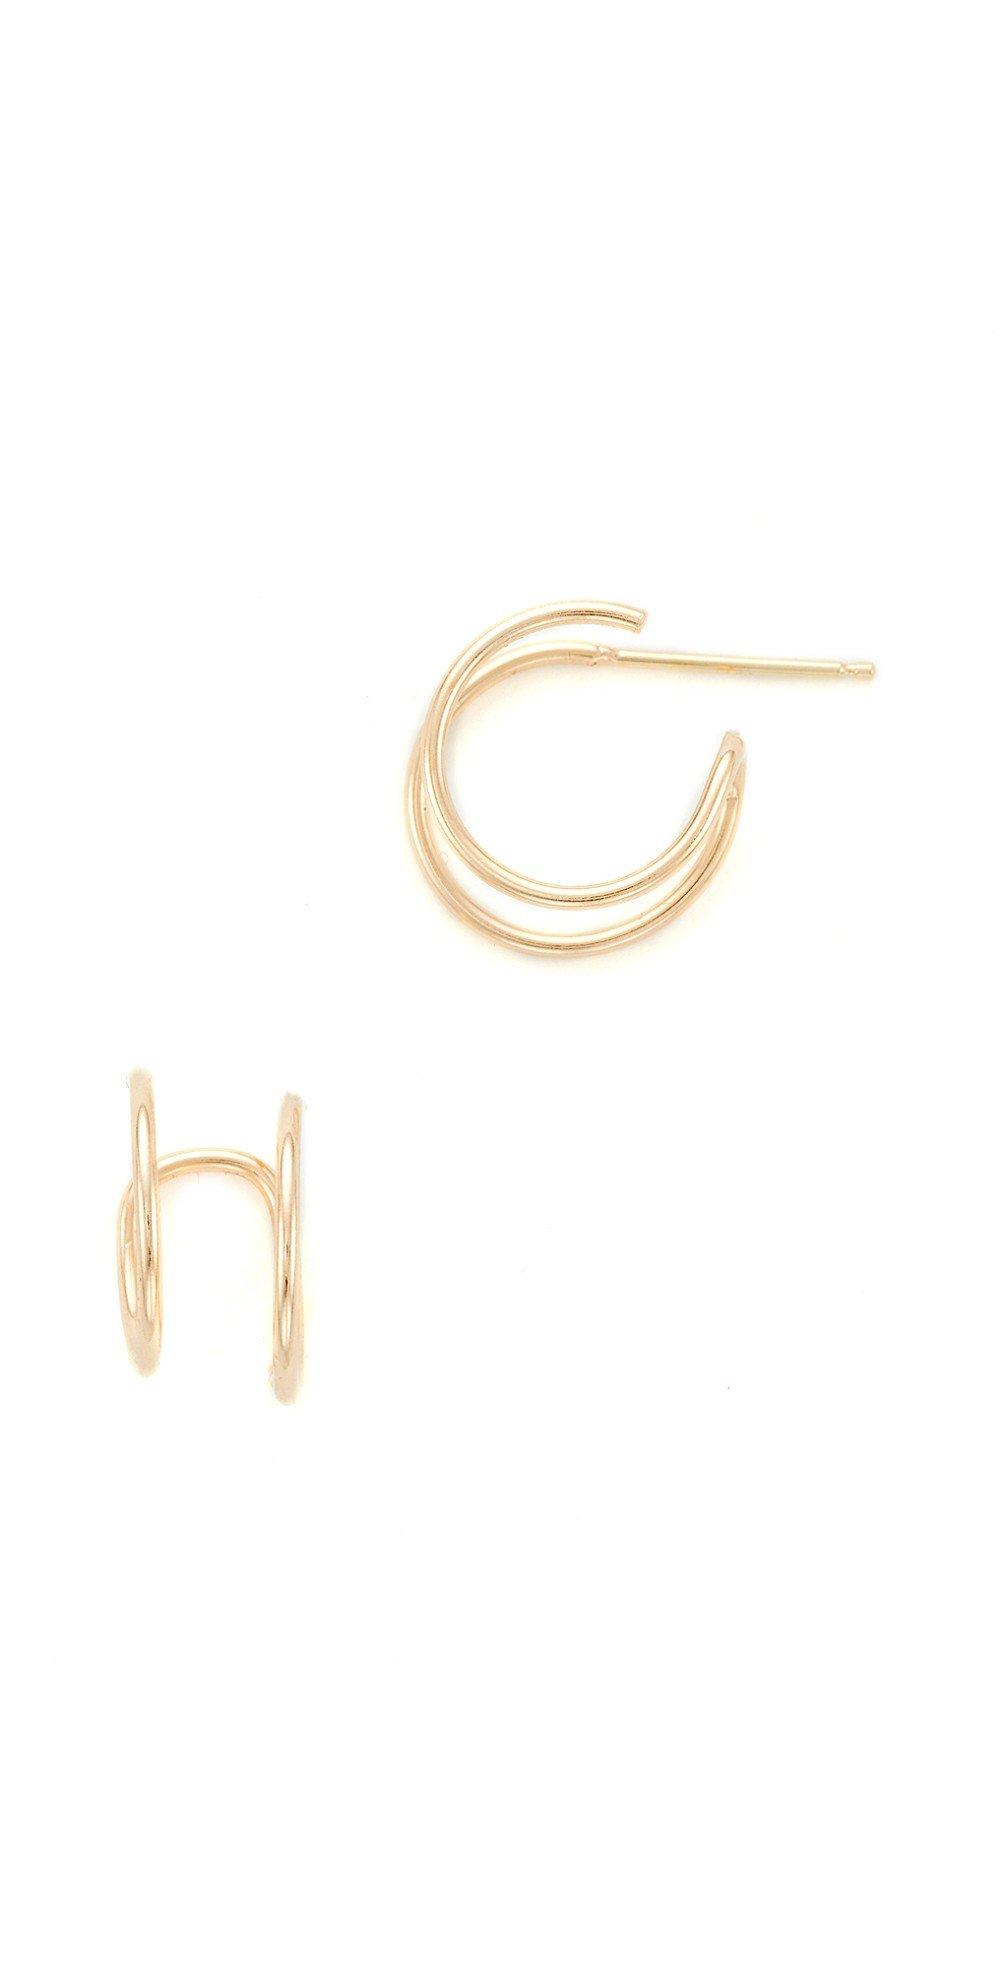 Zoe Chicco 14k Gold Double Huggie Earrings